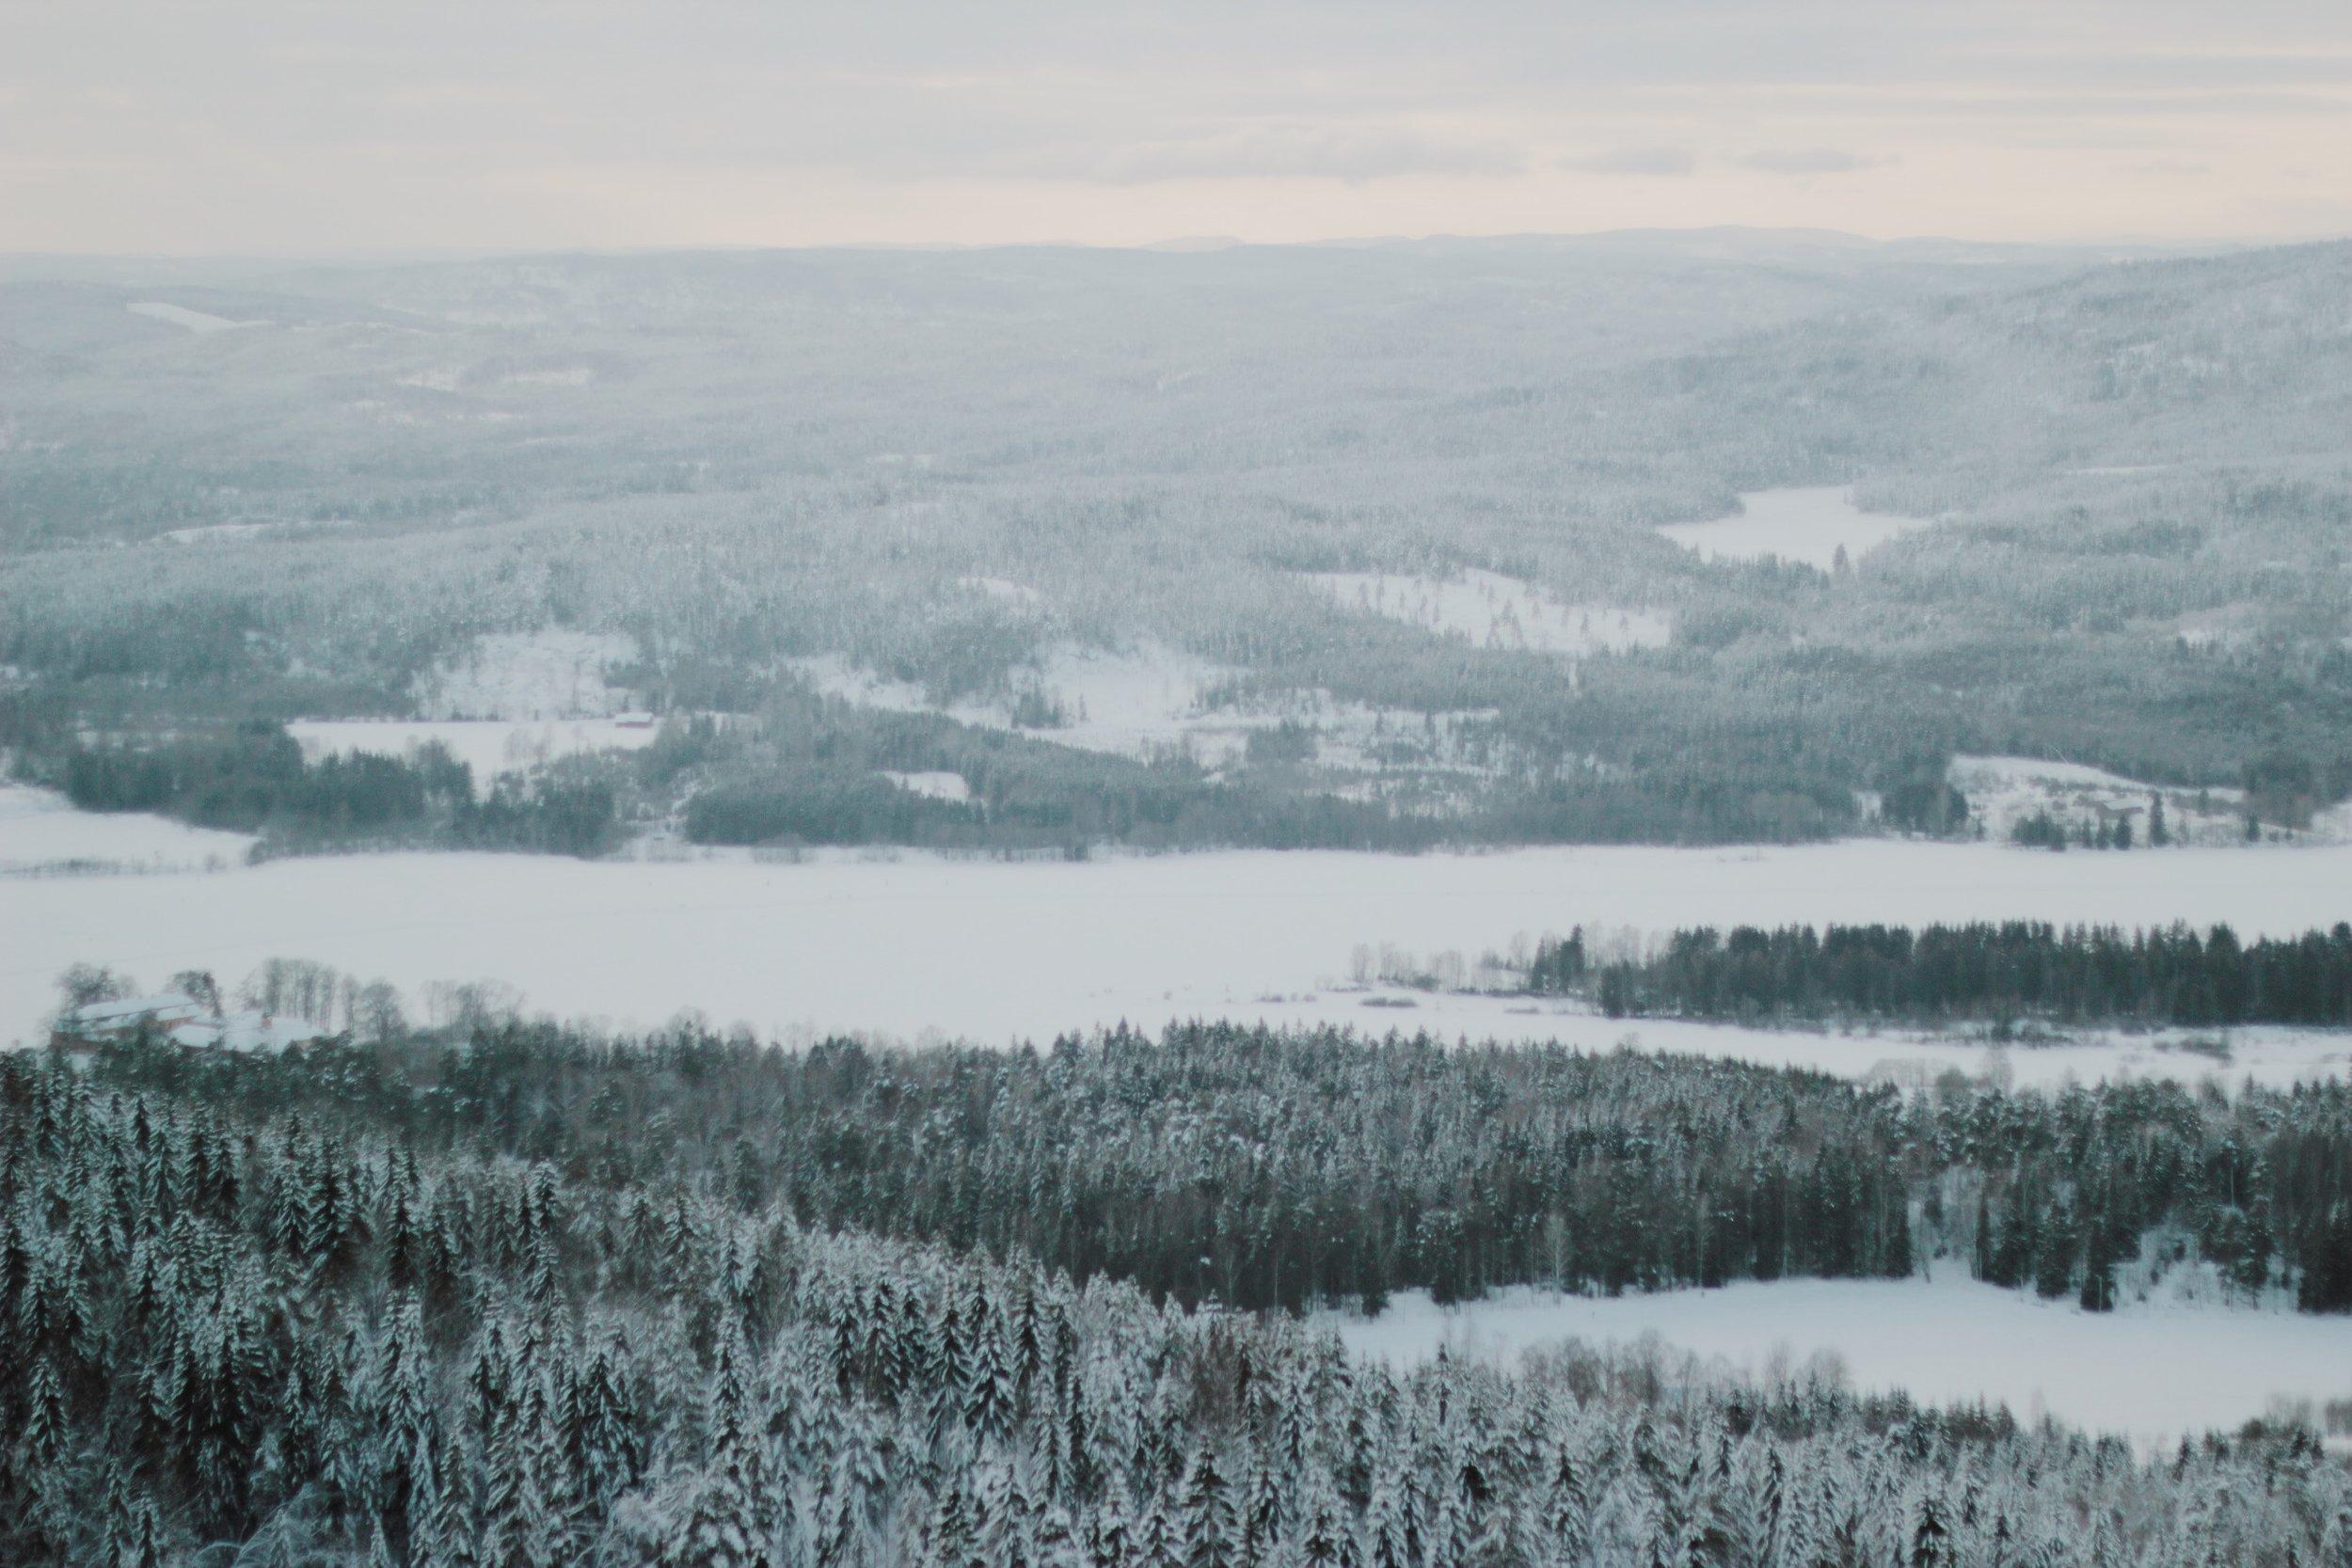 Winter wonderland, Oslo, Norway, Snow, Landscape